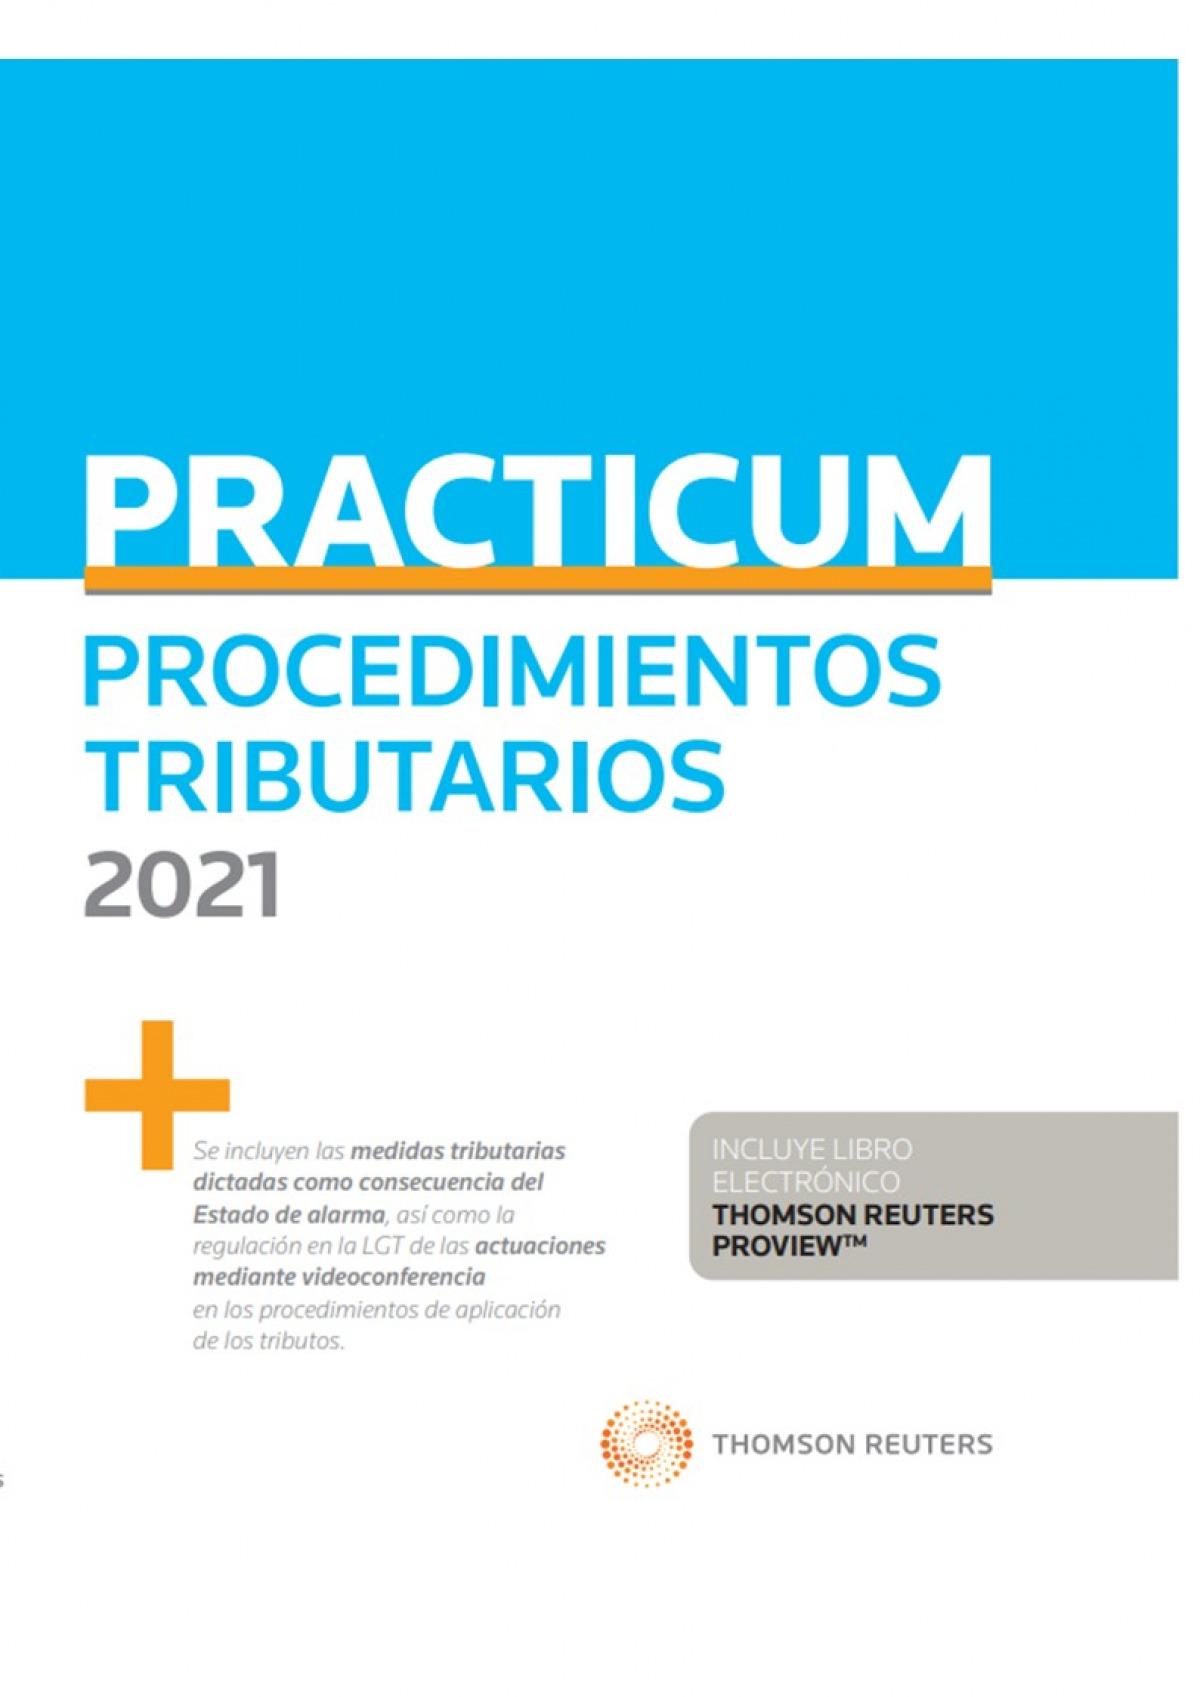 Practicum Procedimientos Tributarios 2021 (Papel + e-book)